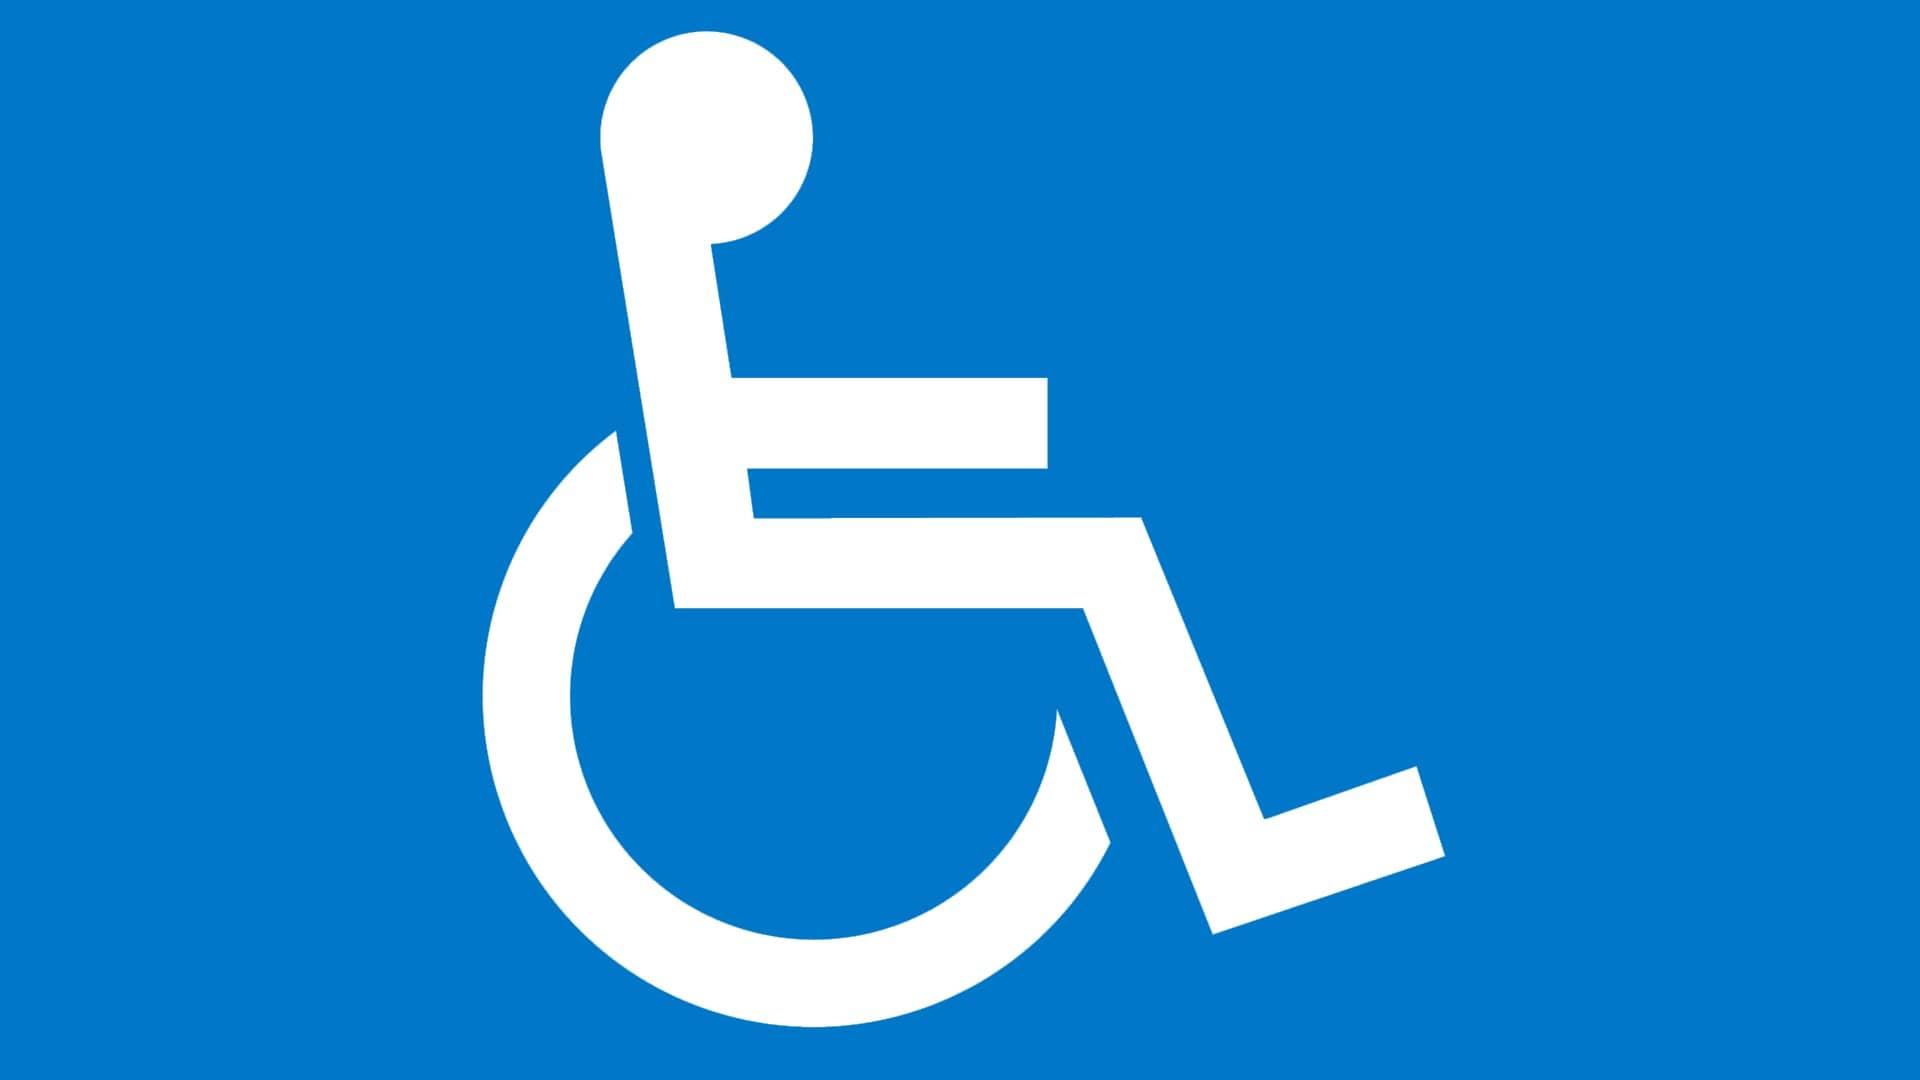 Handicap logo : histoire, signification et évolution, symbole